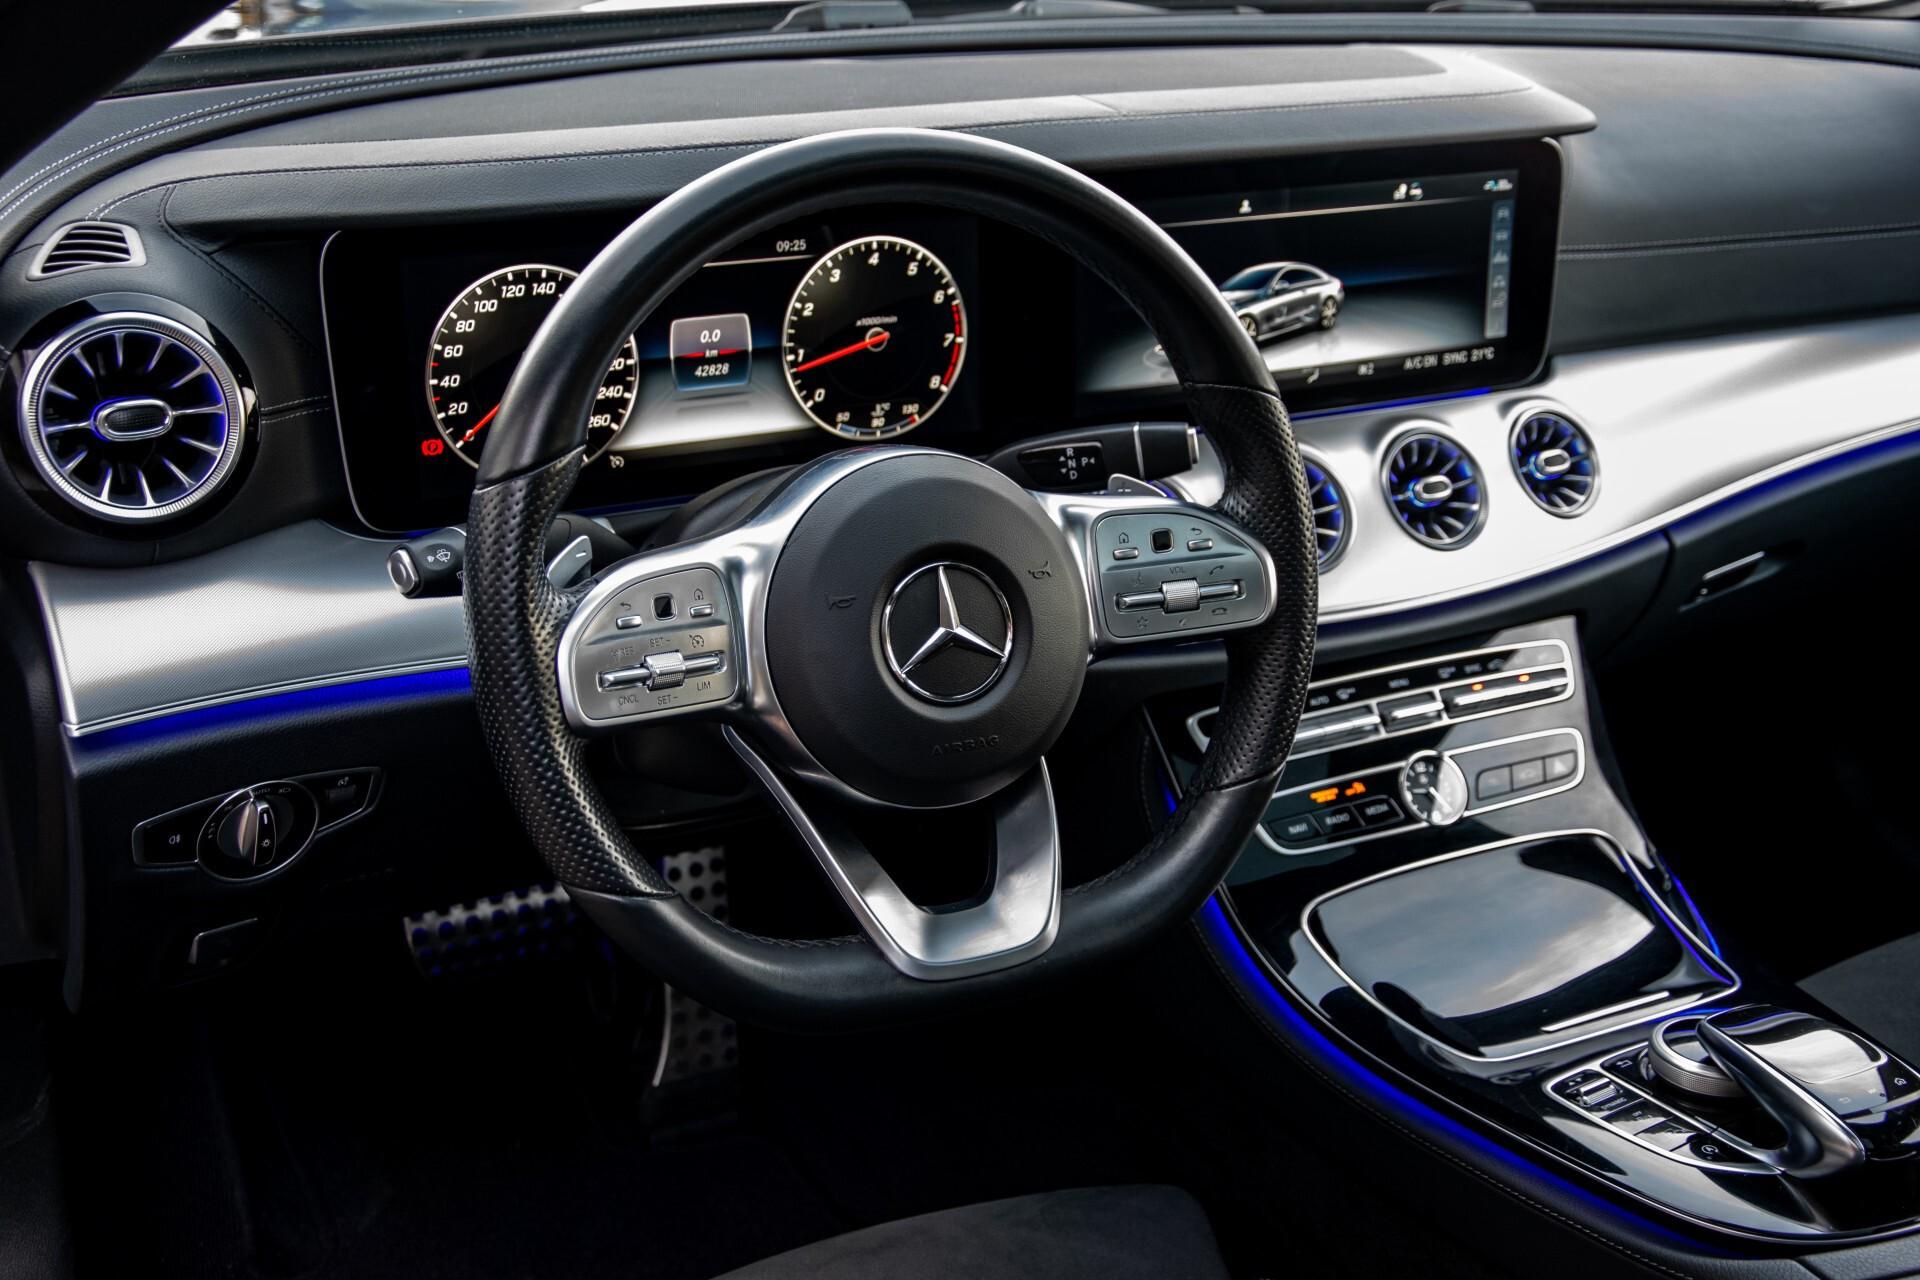 Mercedes-Benz E-Klasse Coupé 200 AMG Panorama/Night/Carbon/Premium/Widescreen/ILS Aut9 Foto 23